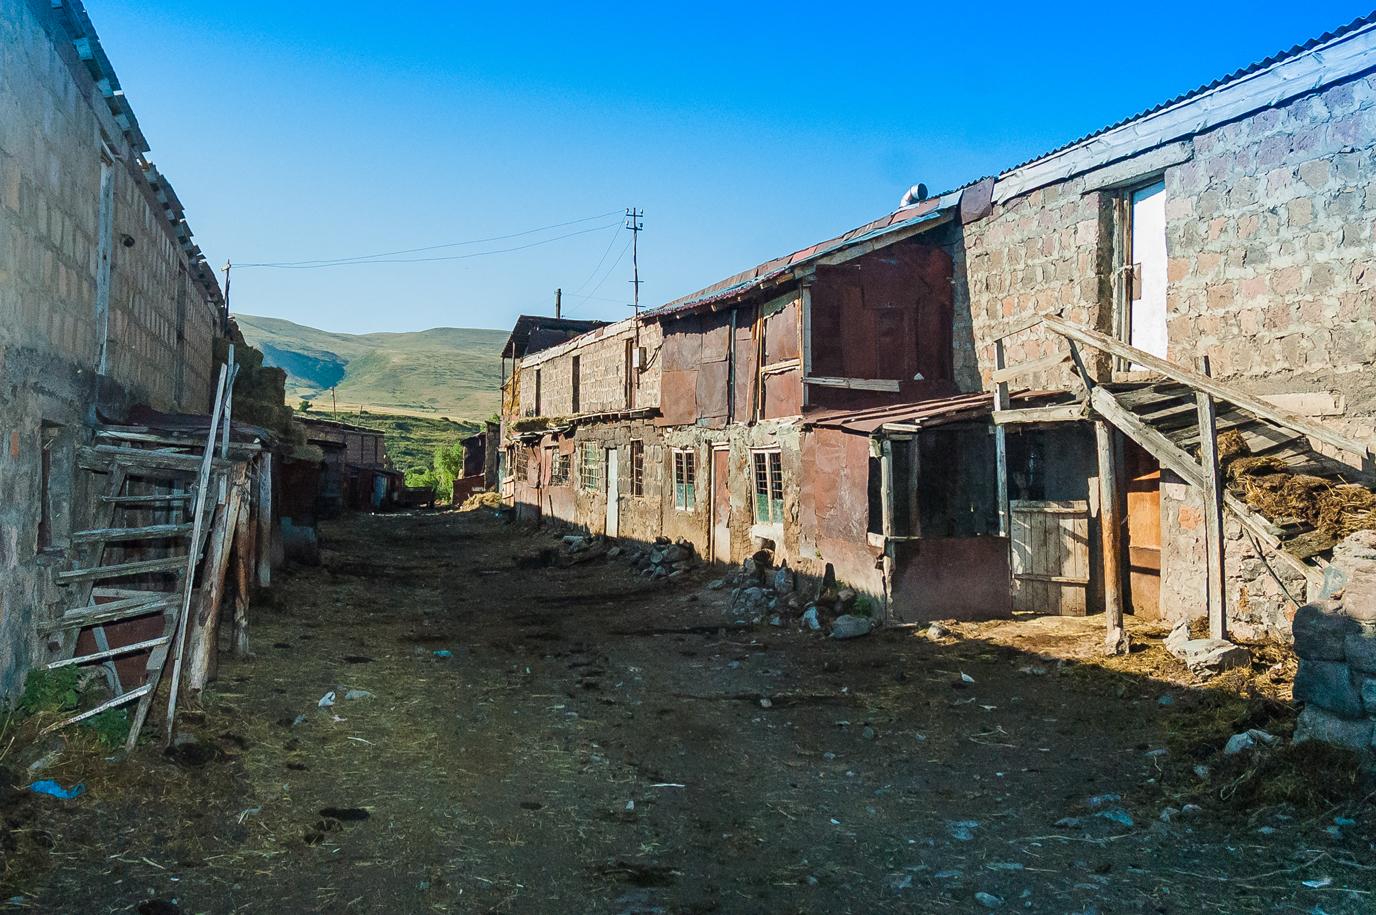 La ronde aux moutons : pratiques de gardiennage collectif des troupeaux communaux en Arménie